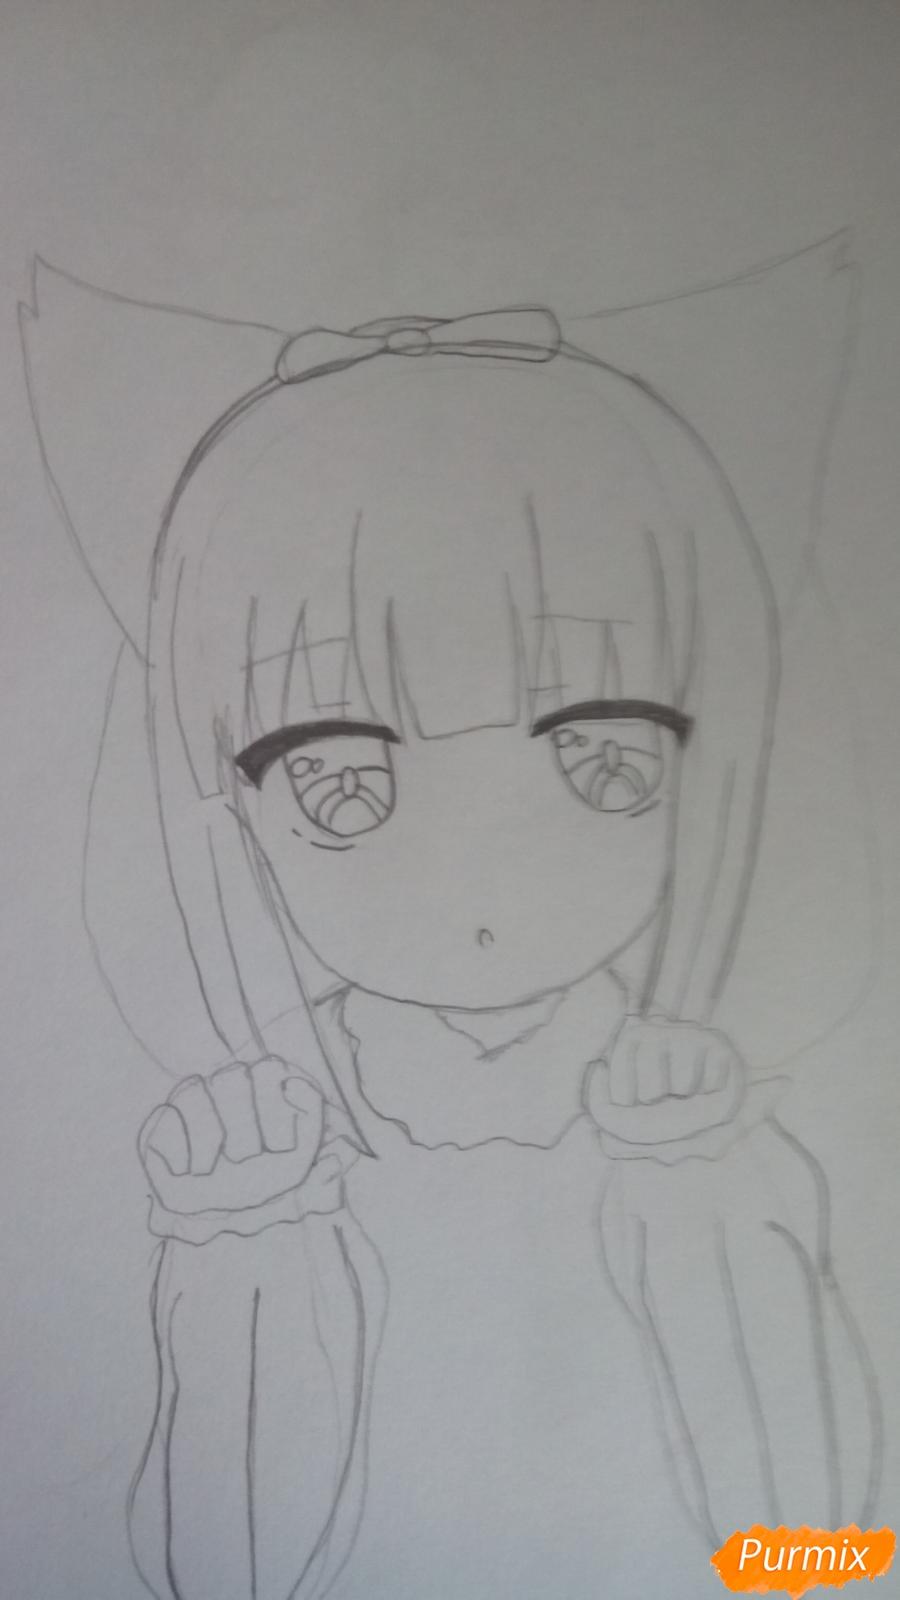 Рисуем Канну из аниме Дракон-горничная карандашами - шаг 7